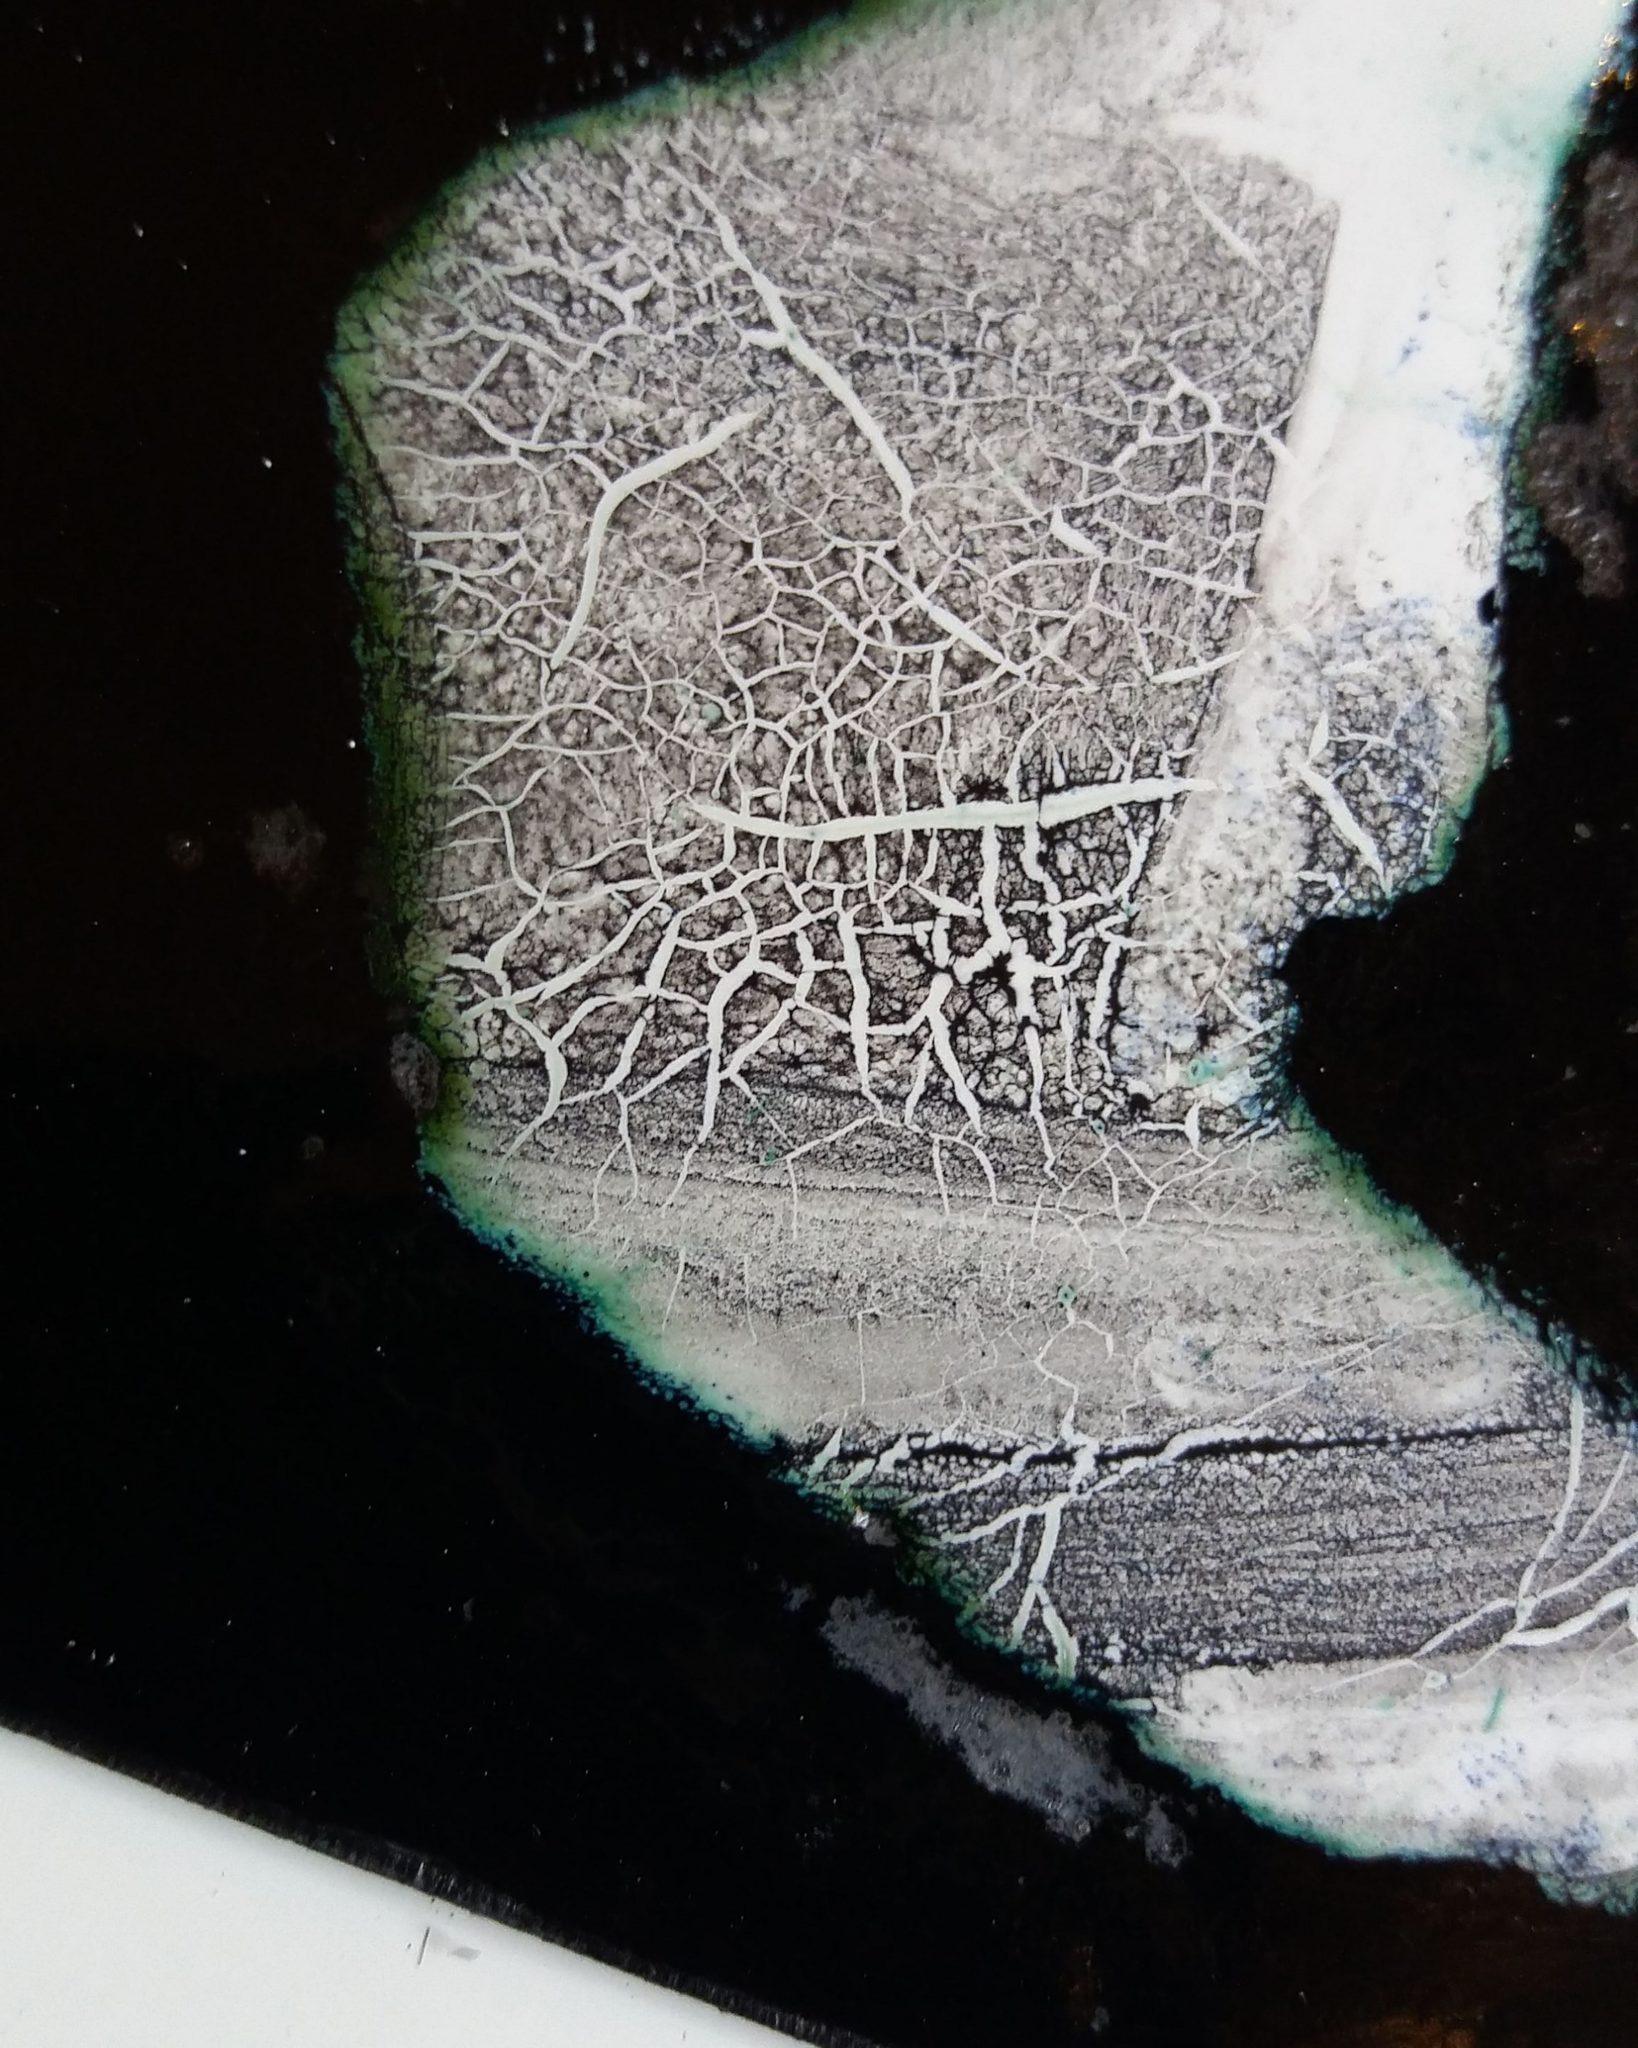 gros plan sur un détail émaillé du tableau d'une ombre